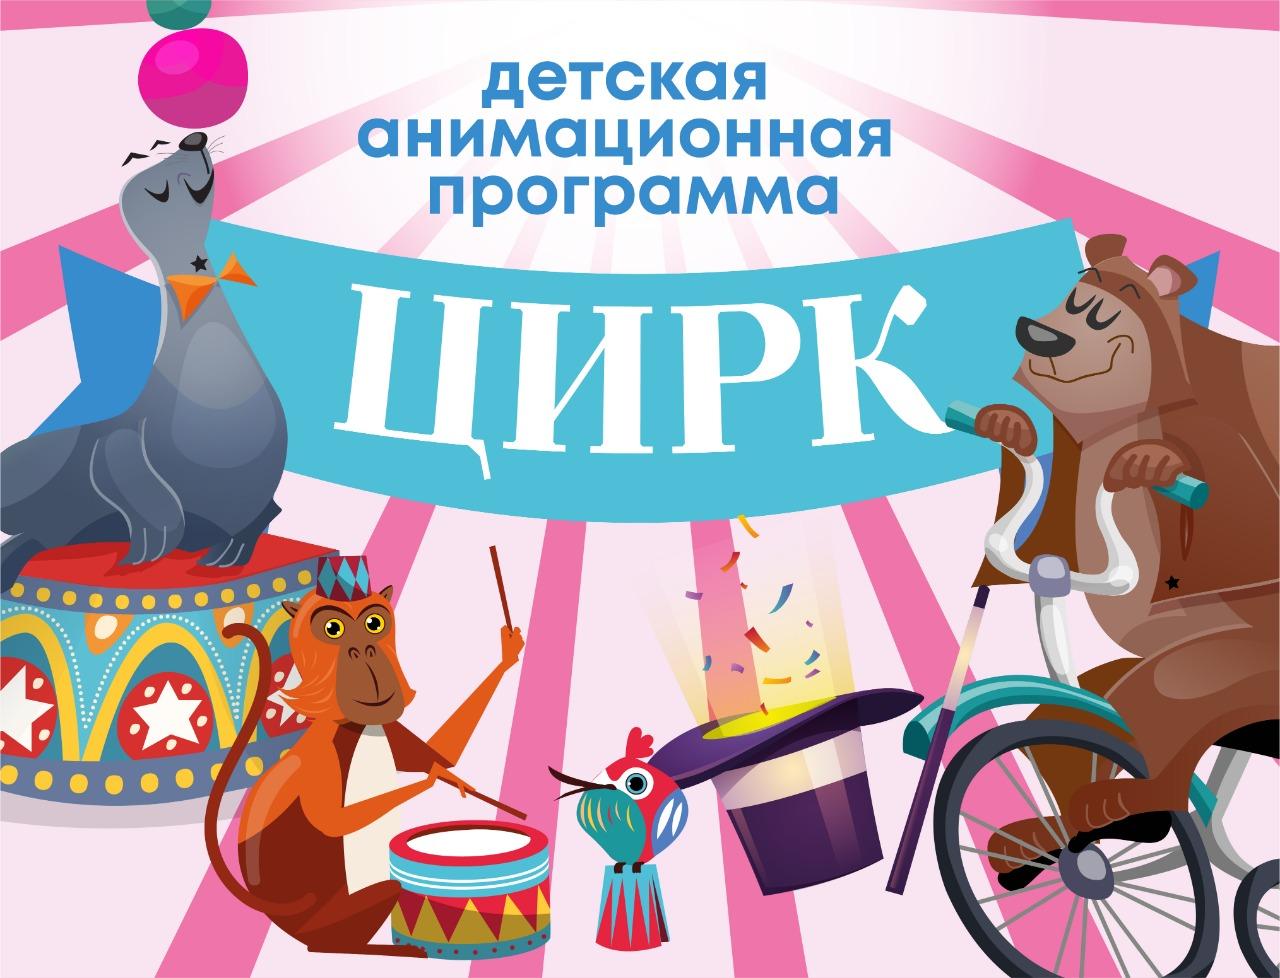 Детская программа Цирк в ресторане «Этаж 41»